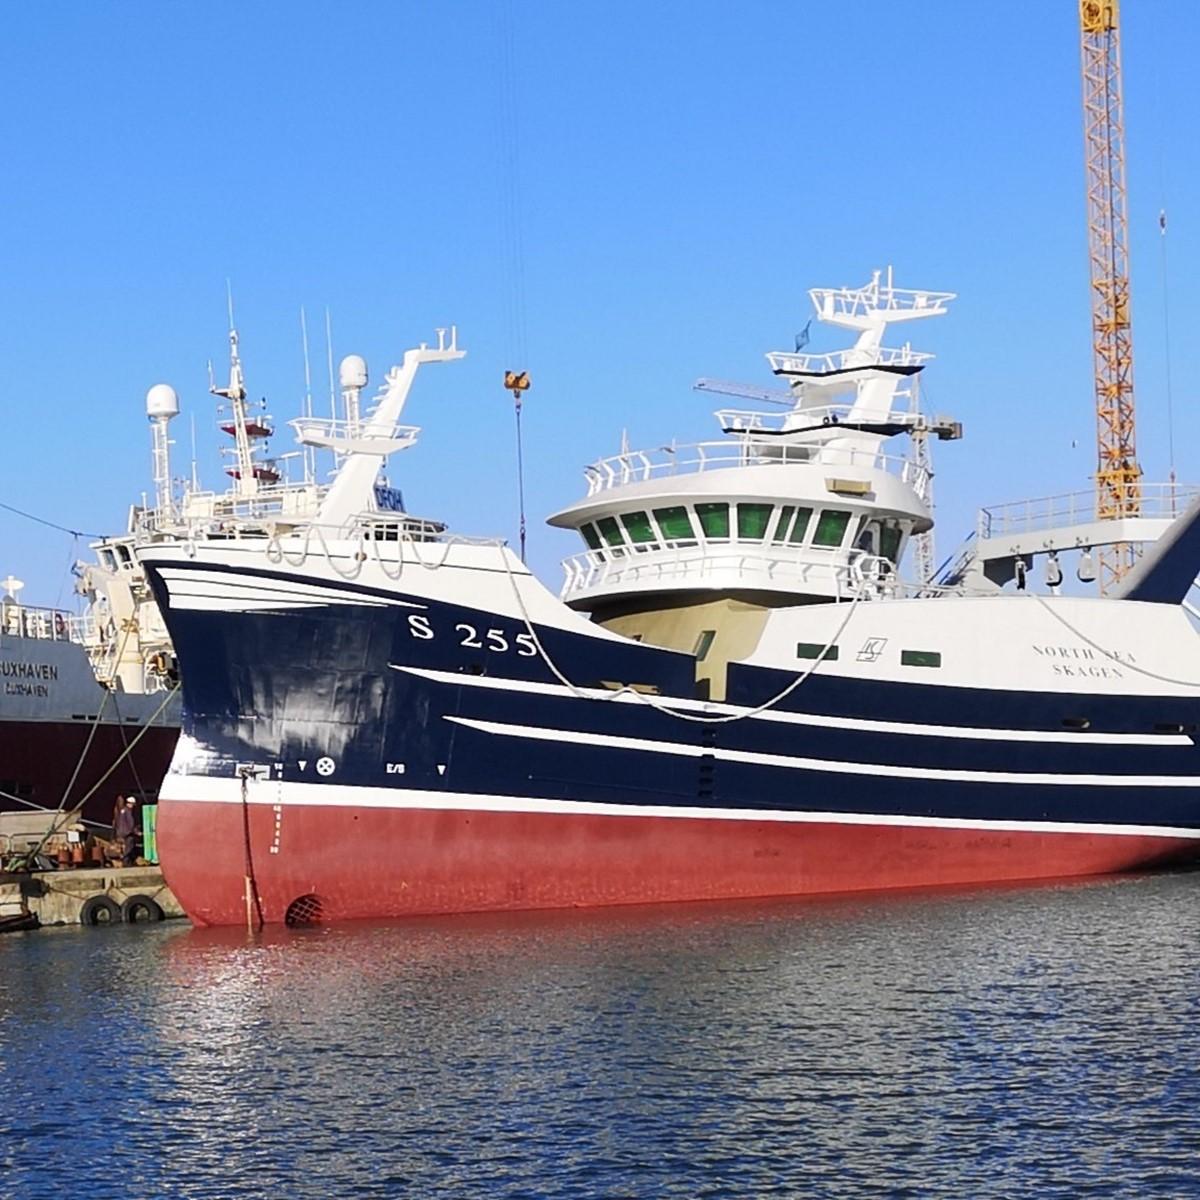 S 255 North Sea er kommet til Skagen-...